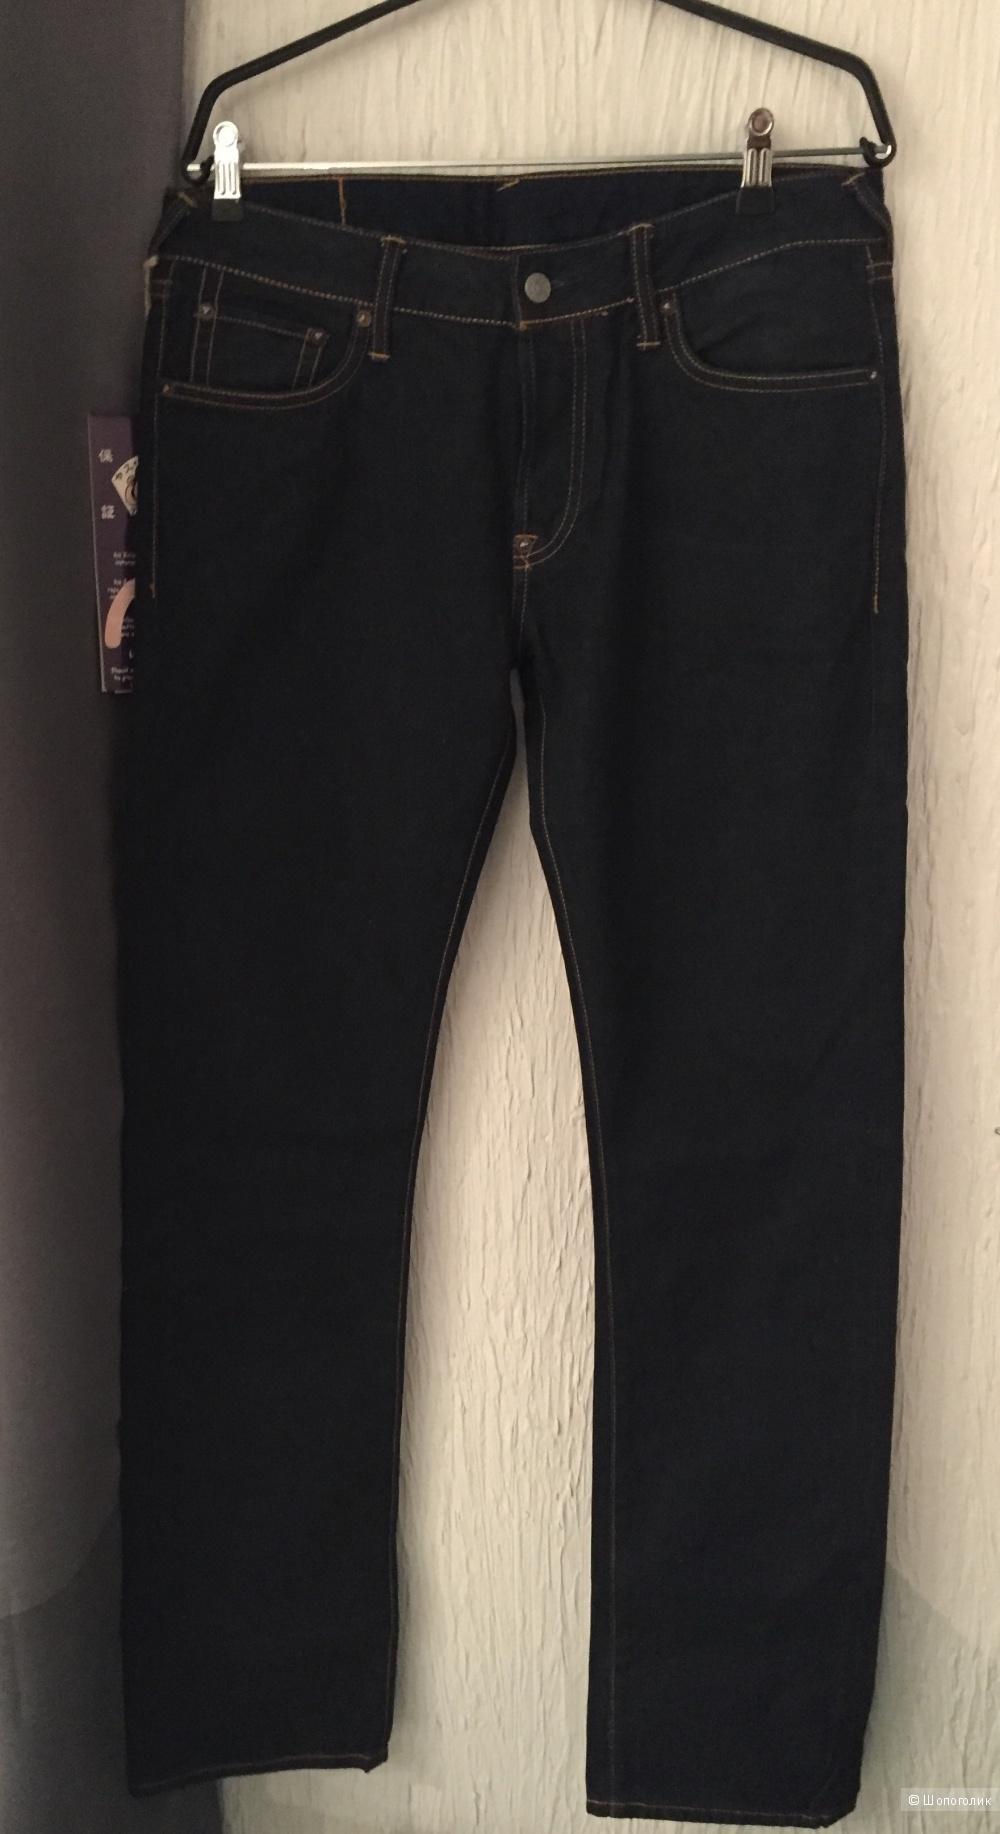 Новые джинсы Evisu Genes, размер 34